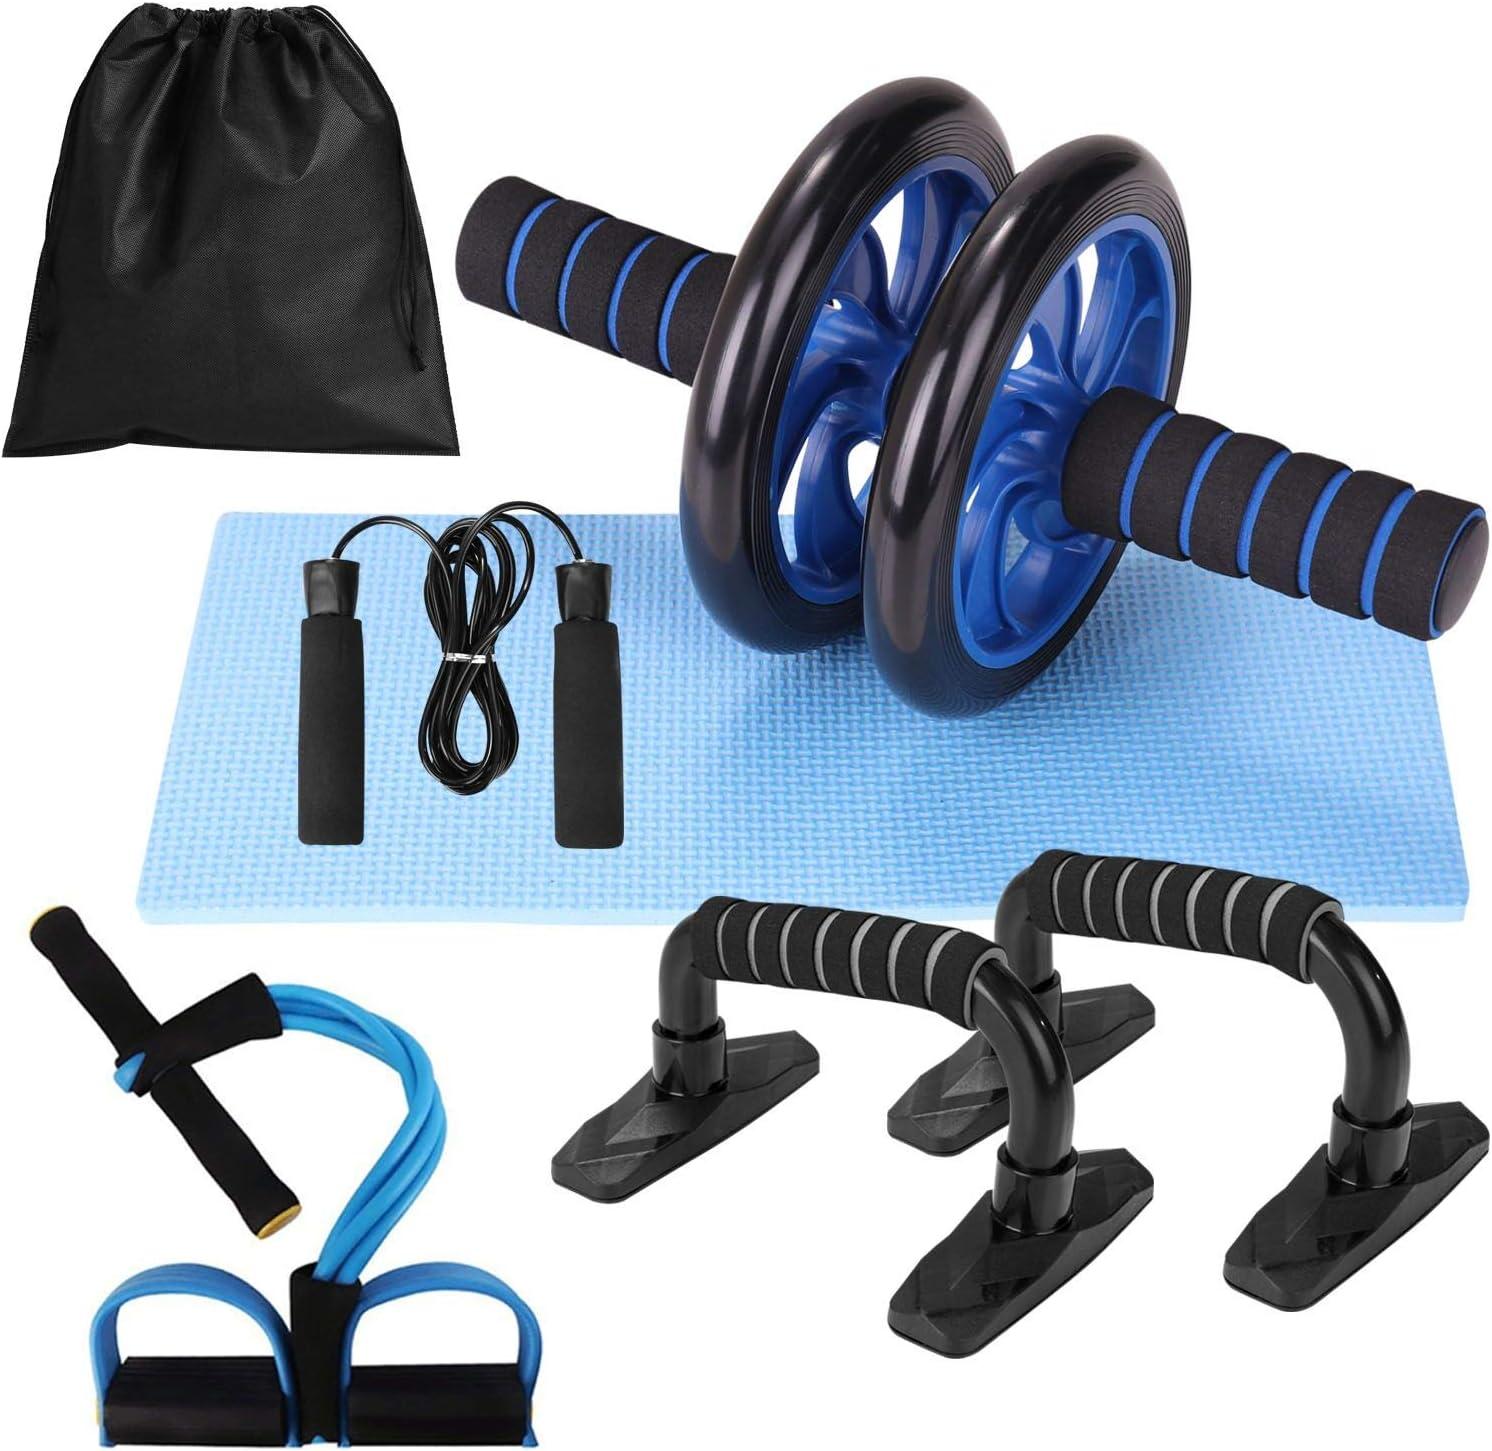 Lixada Rueda Abdominal Kit con Push-UP Bar Cuerda para Saltar Esterilla de Rodilla para Fuerza Muscular Fitness Ejercicio en Casa 4/5pcs